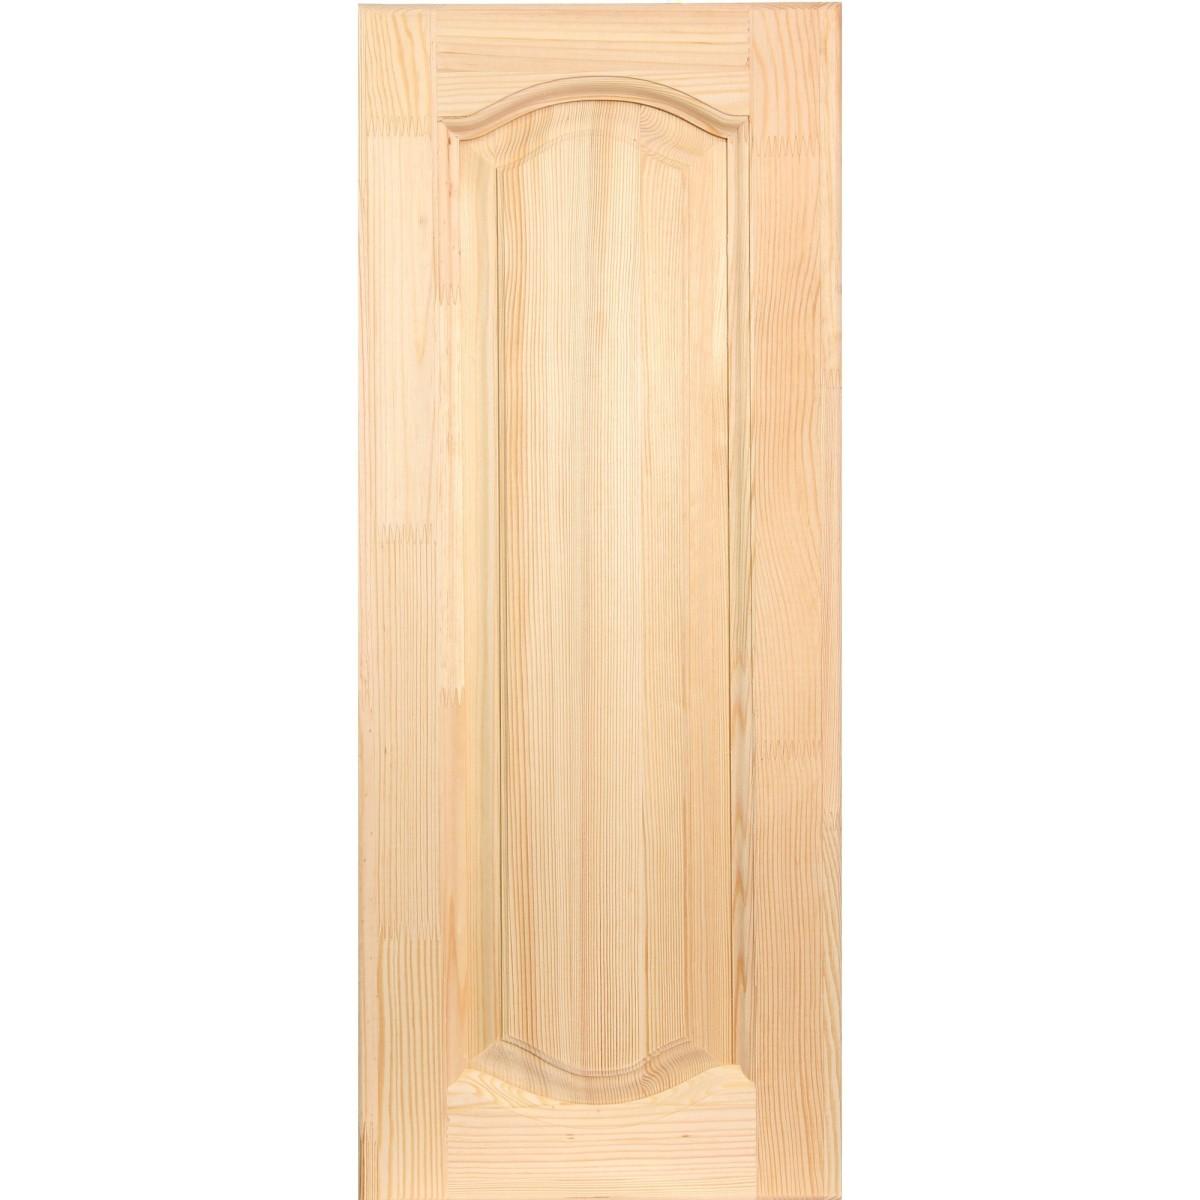 Фасад шкафа хвоя 396х140х20 мм глухой